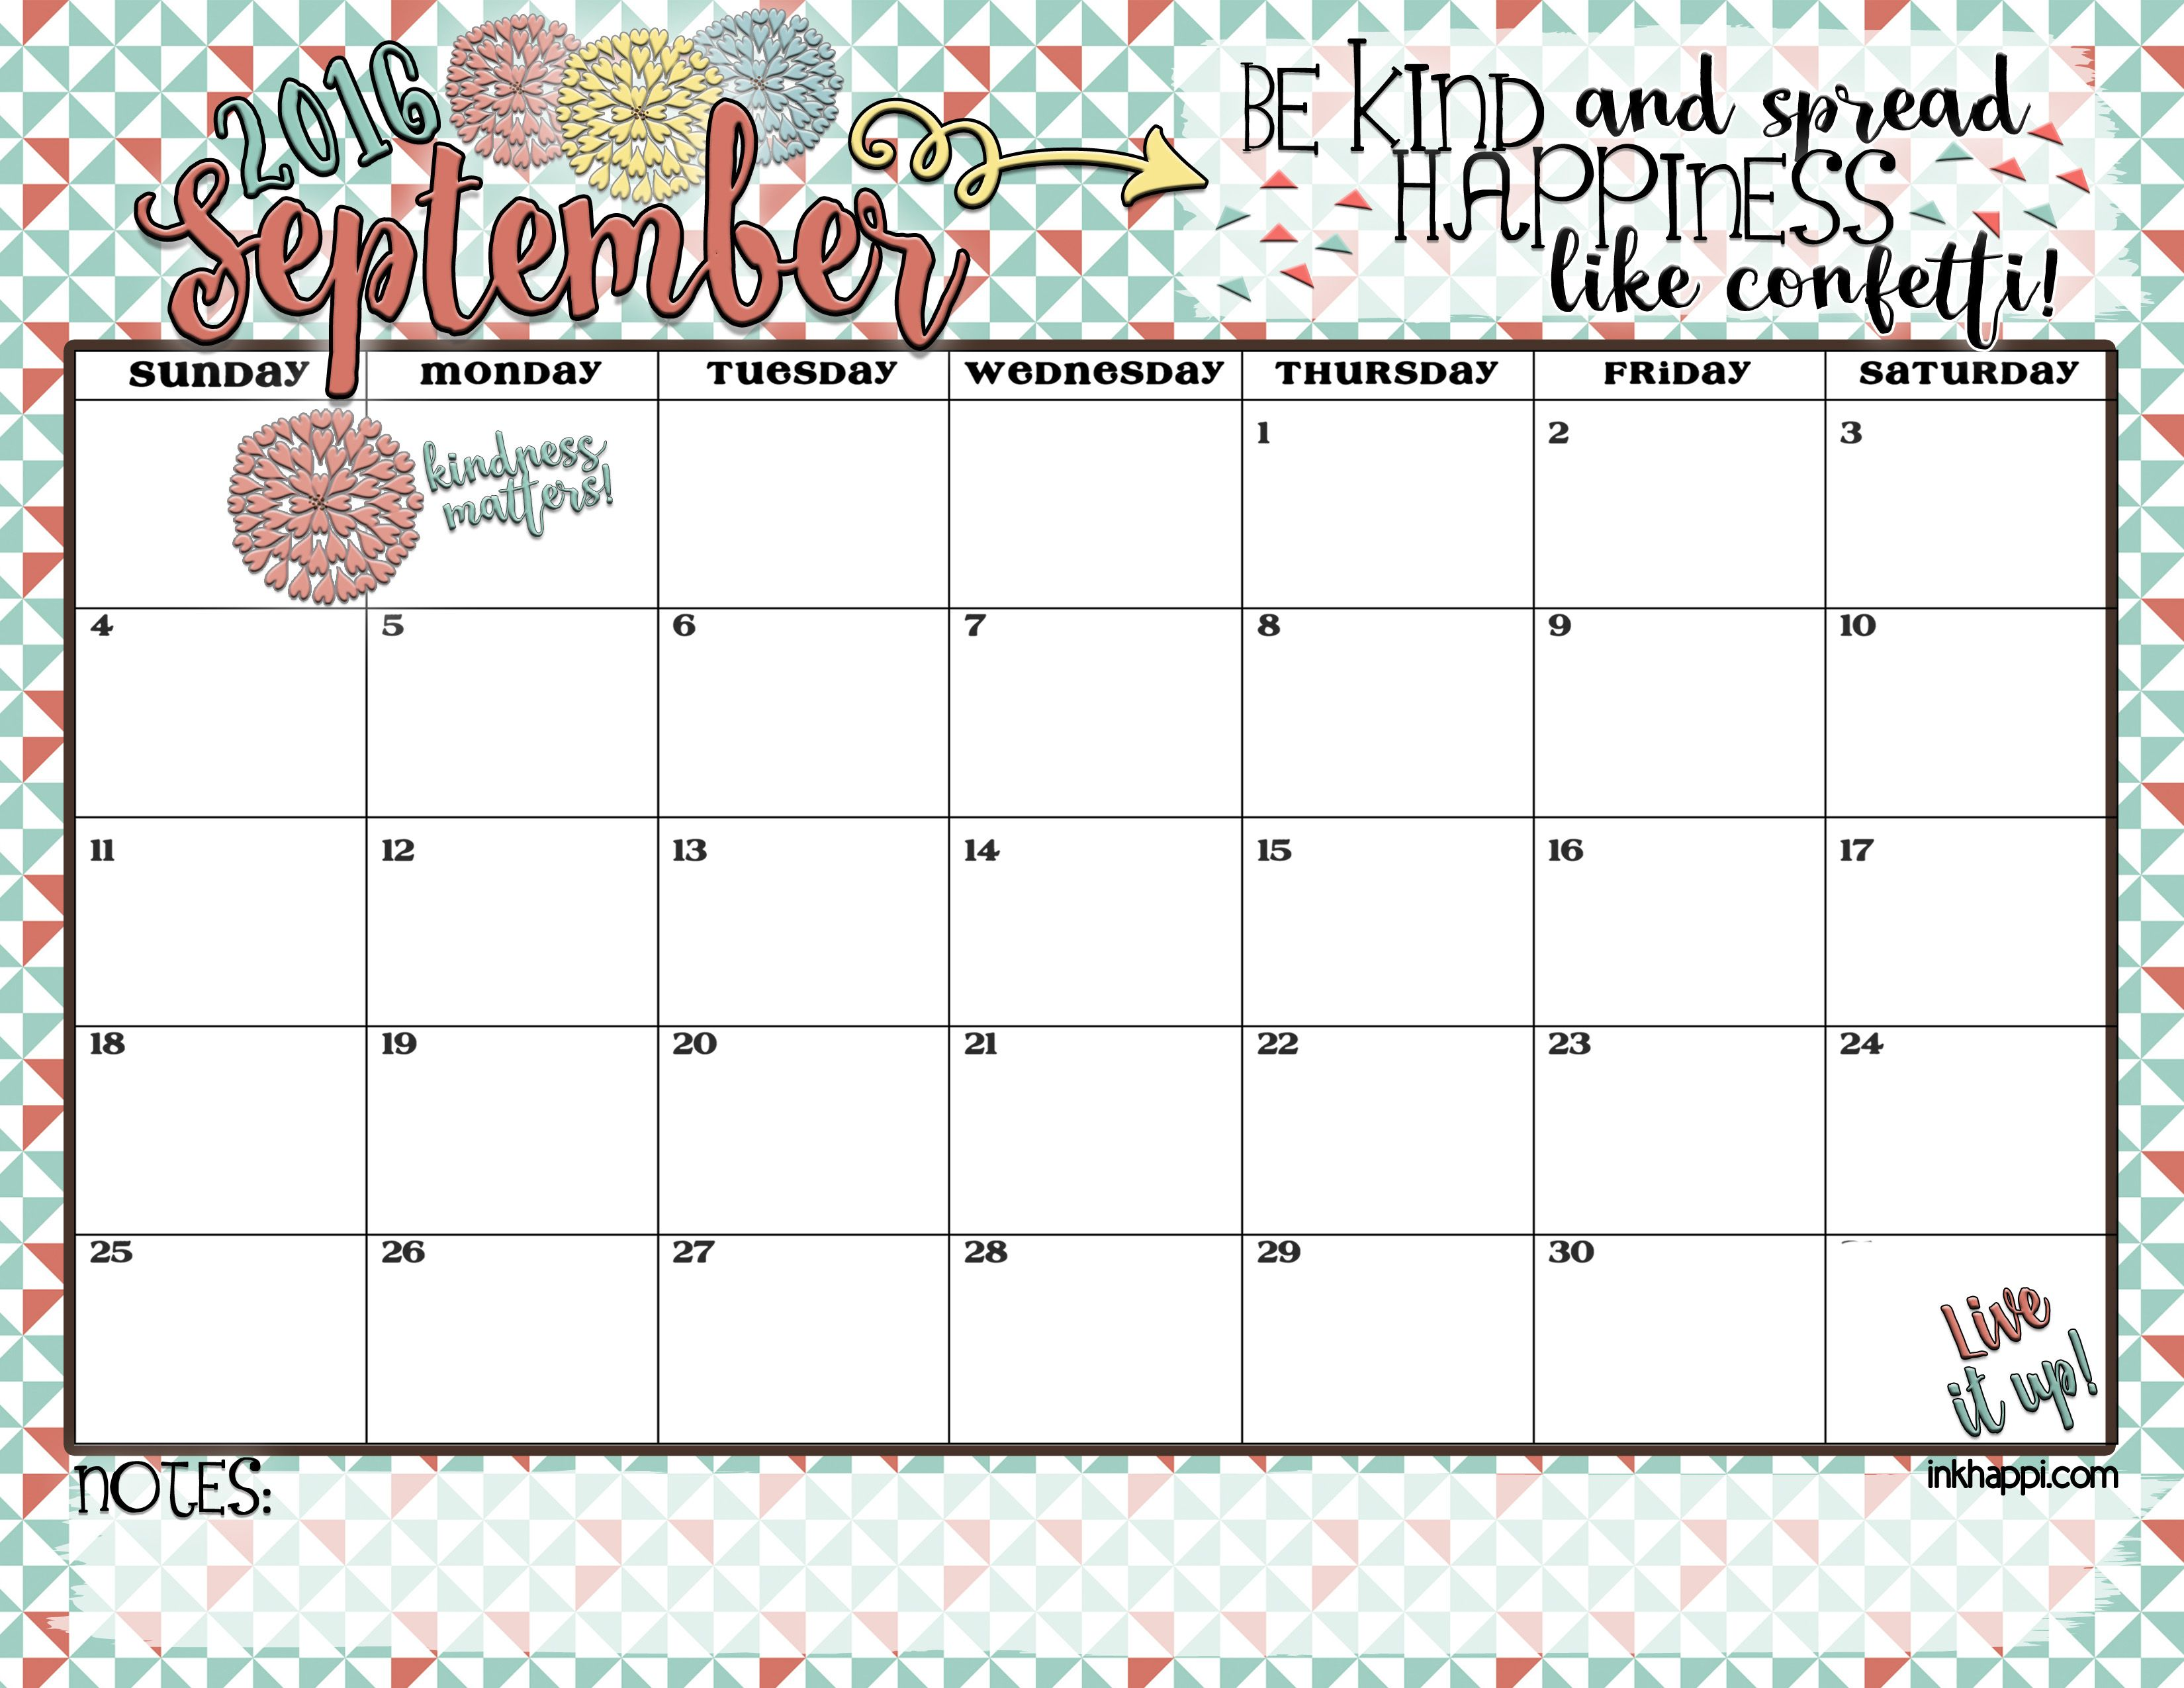 September 2013 Calendar Is Here September 2013 Calendar